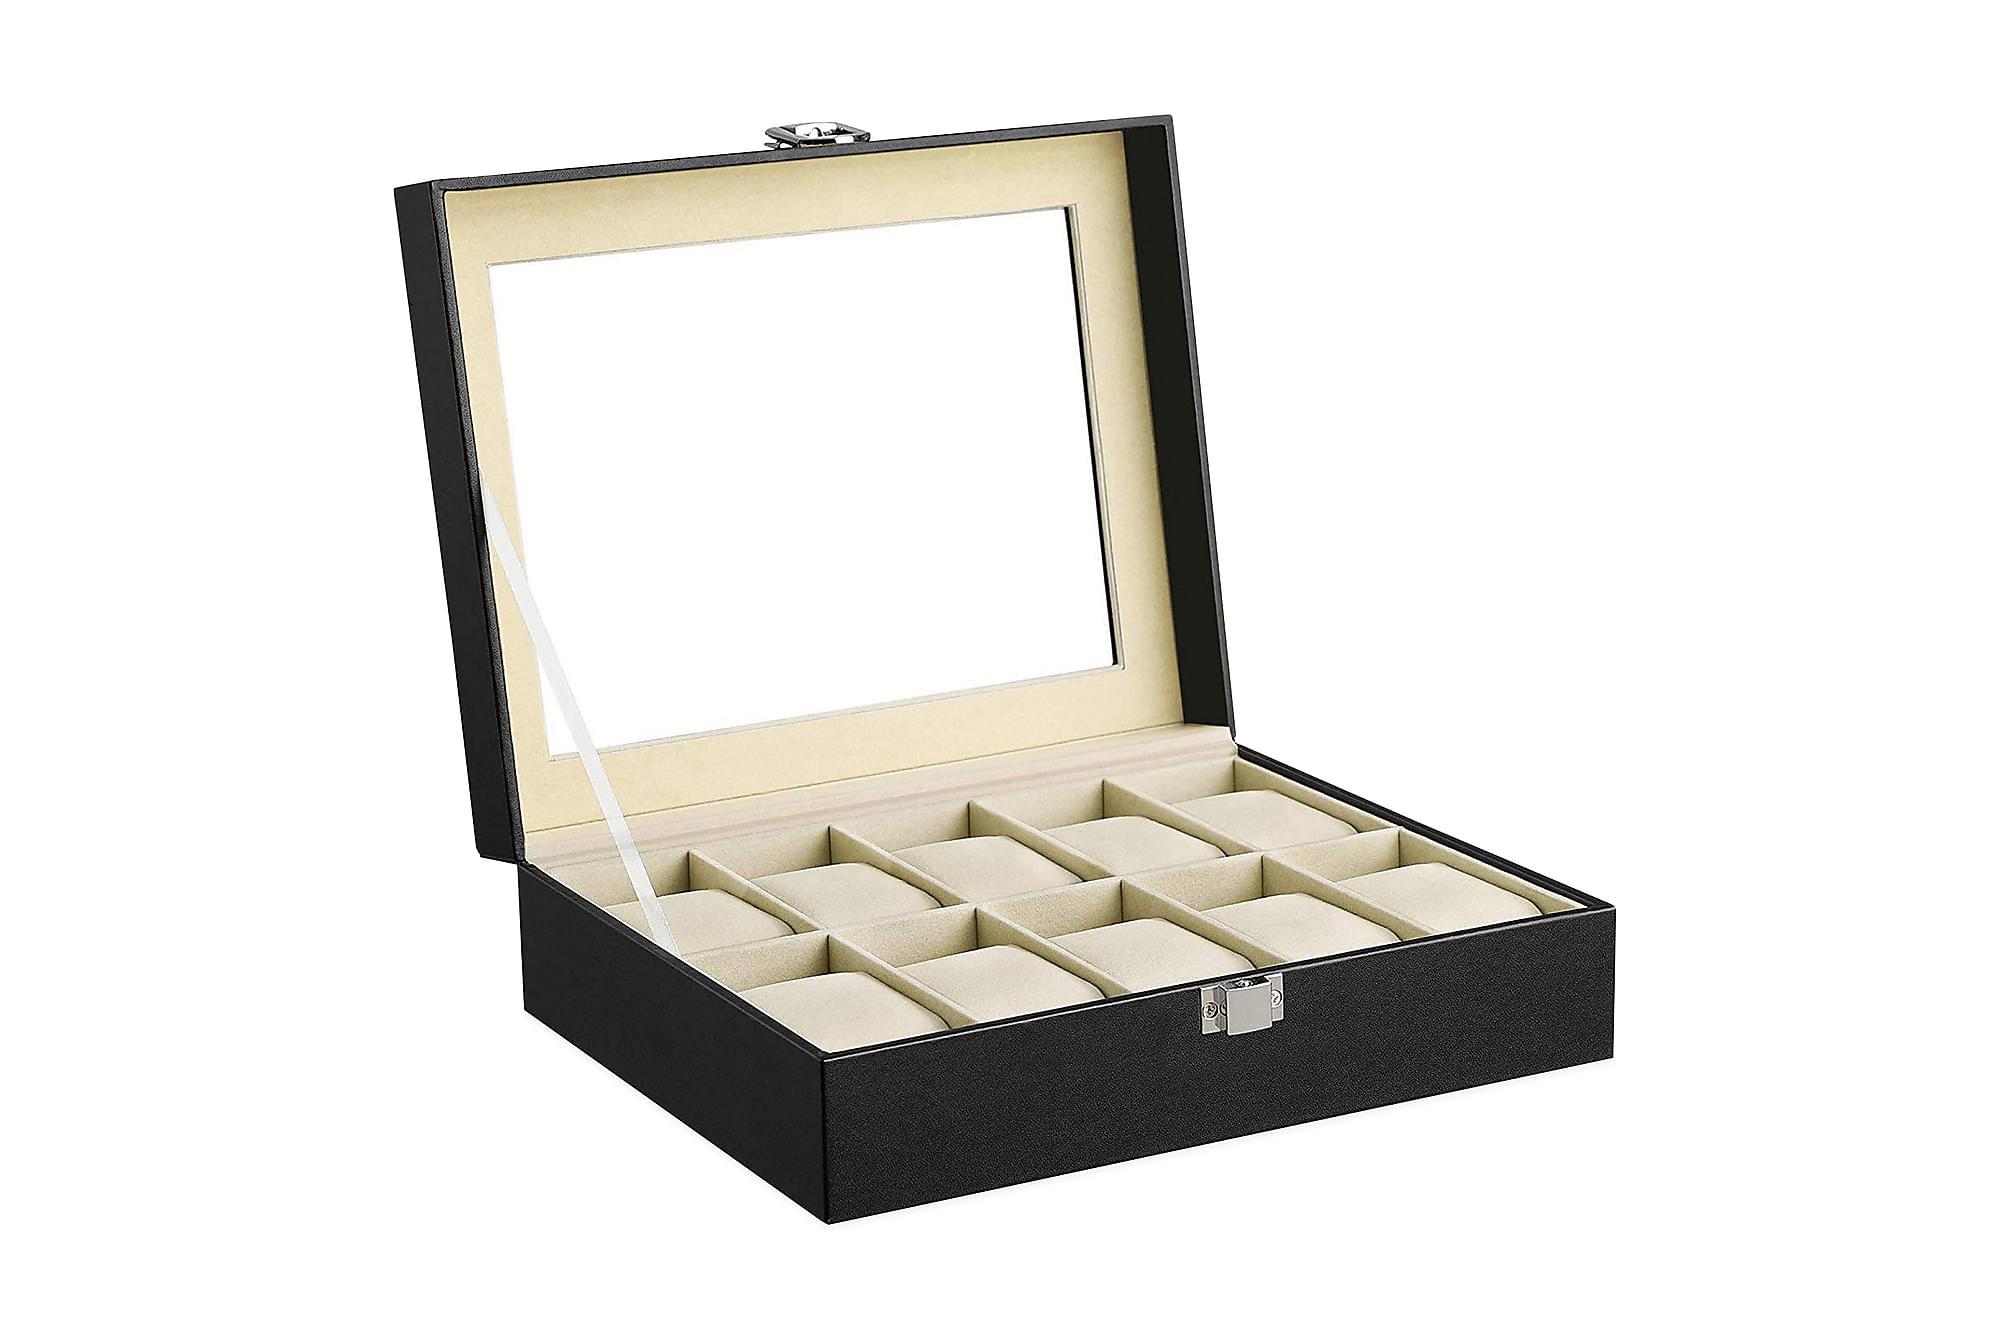 DEBBY Smyckeskrin med Glaslock Beige, Småförvaring